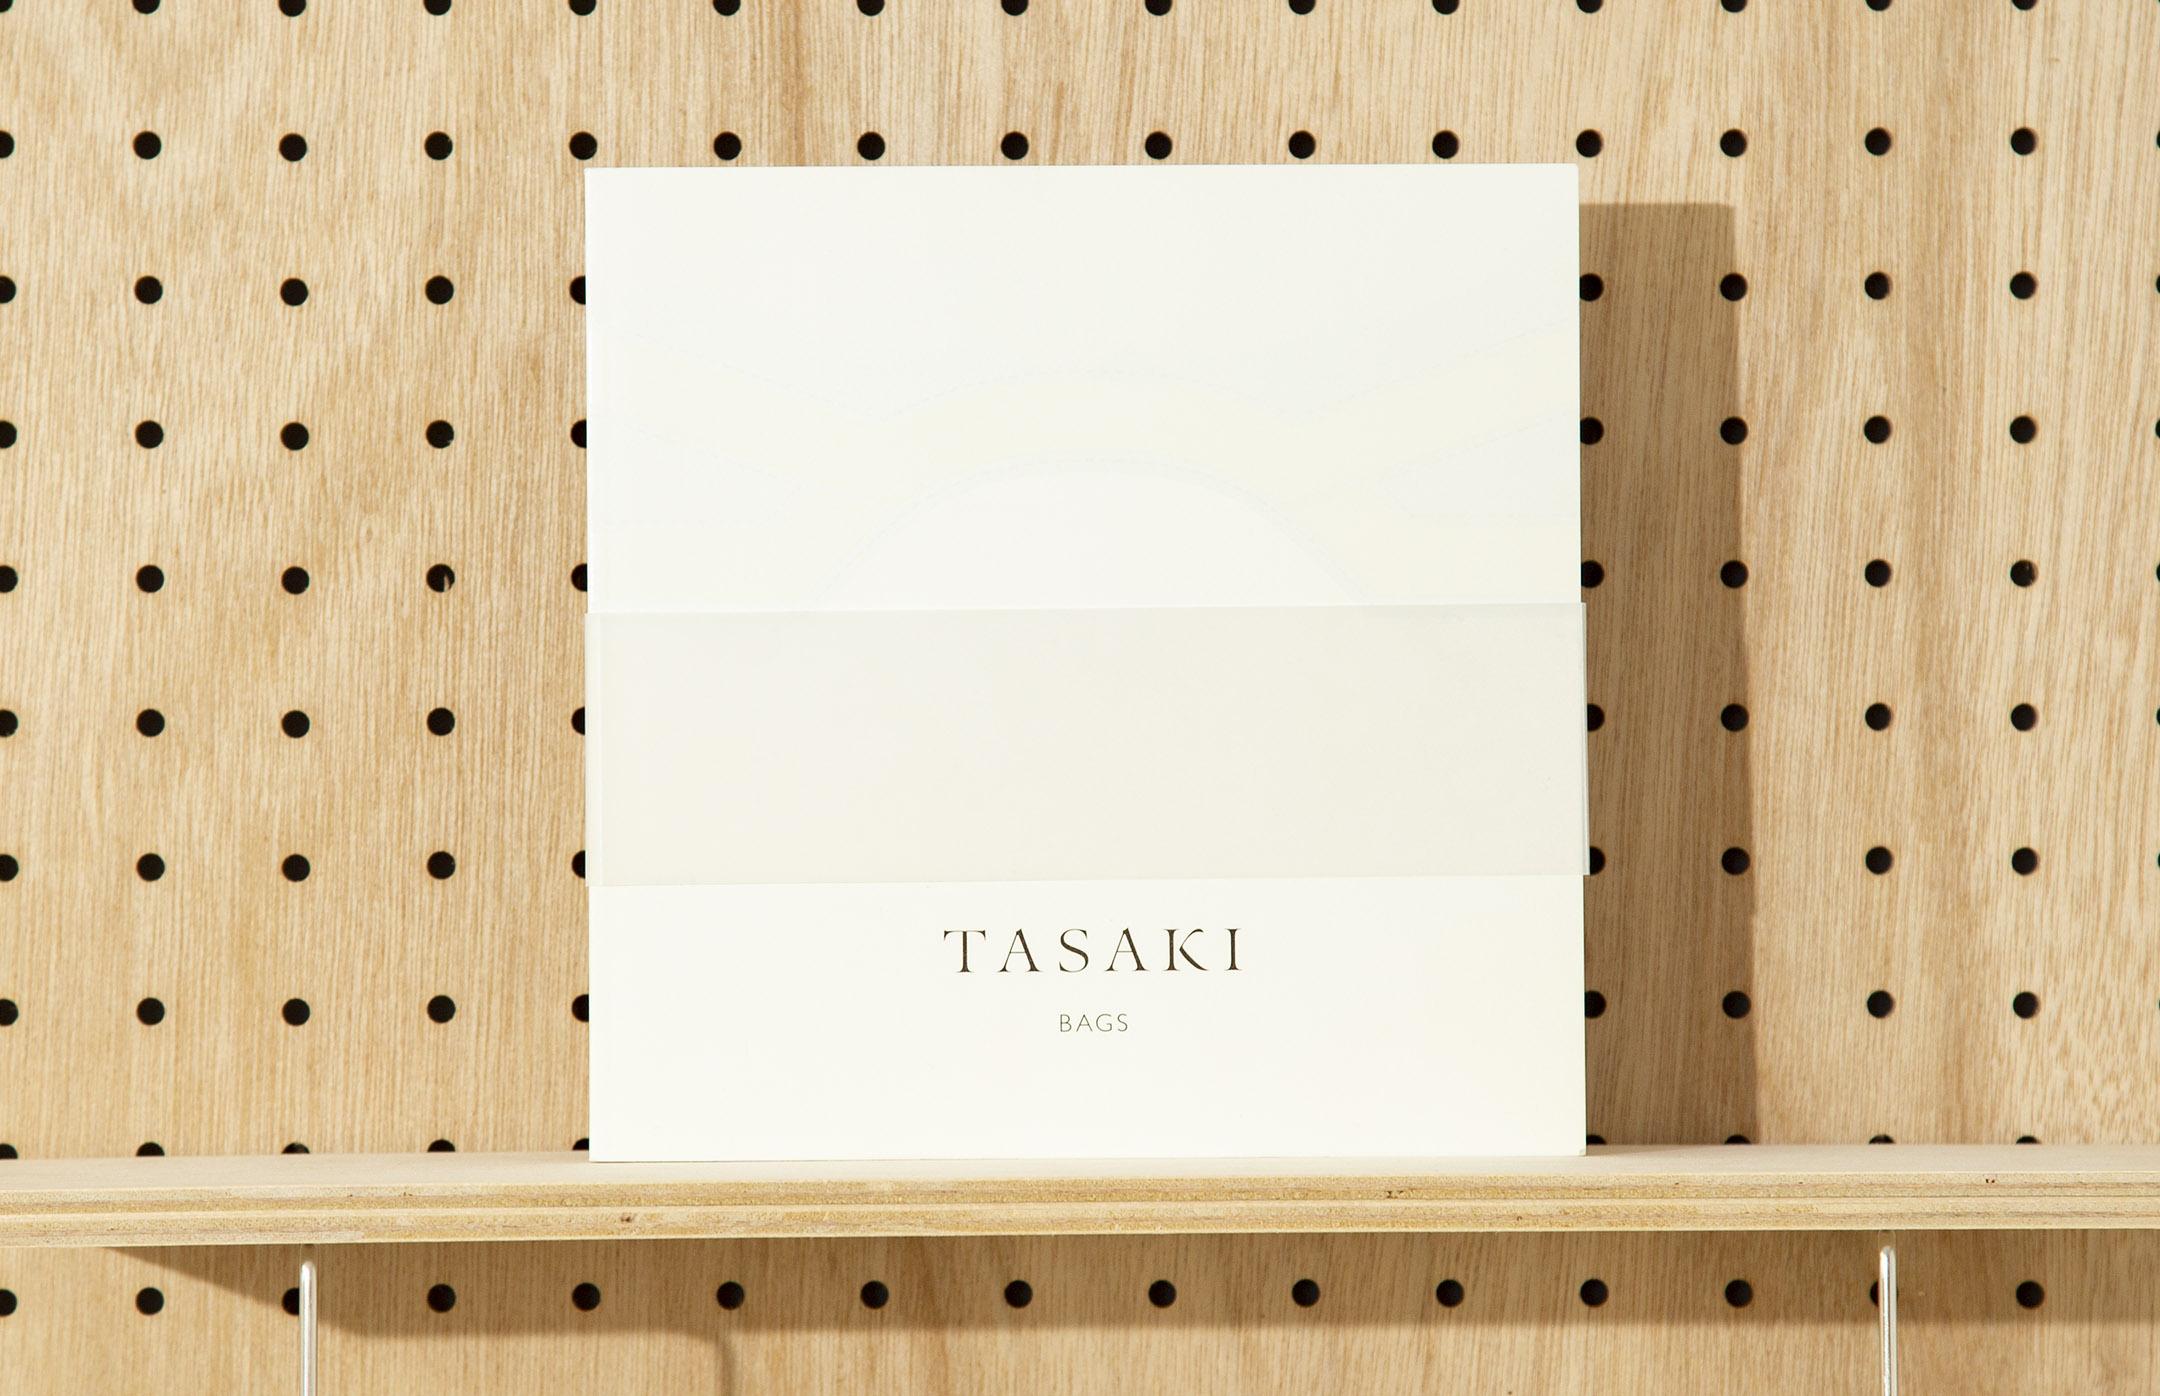 soda design TASAKI BAGS